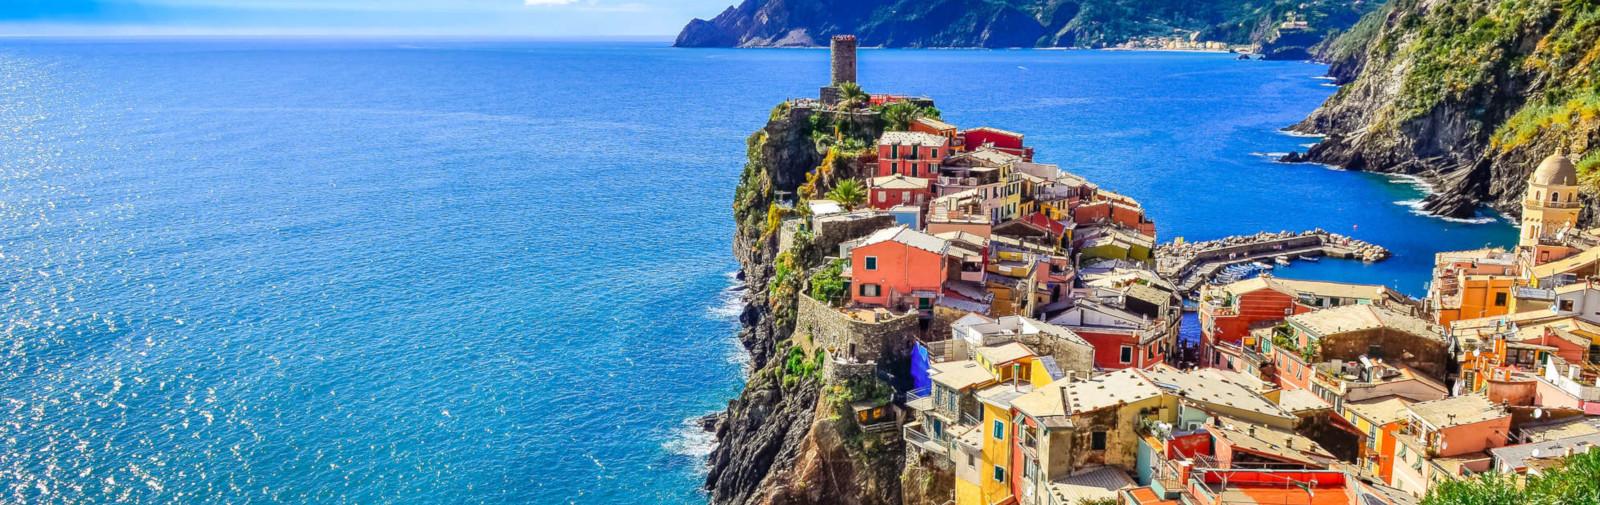 Italie-villlage-Calabre?